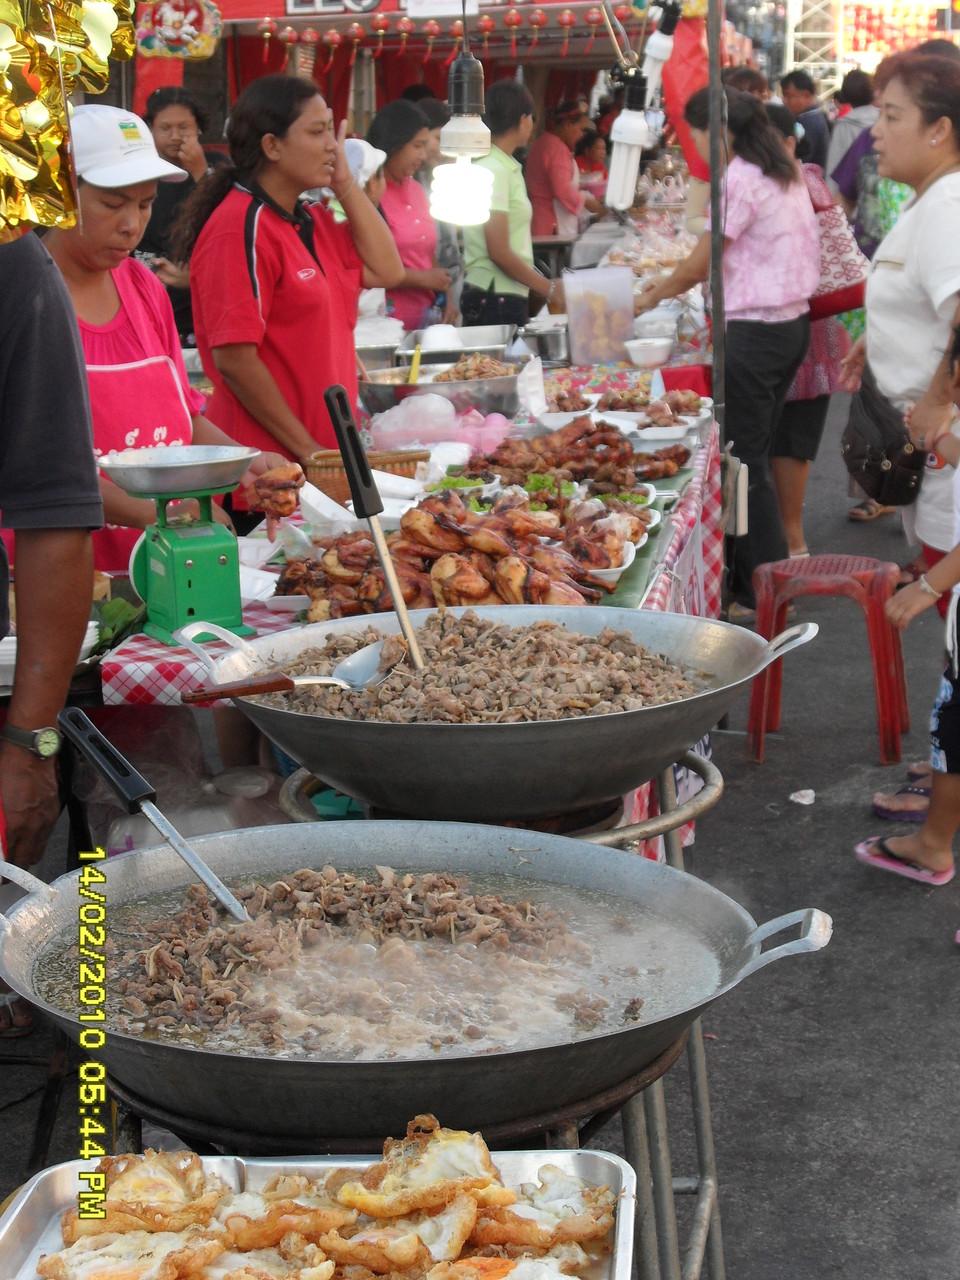 Essen auf dem Markt, lecker!